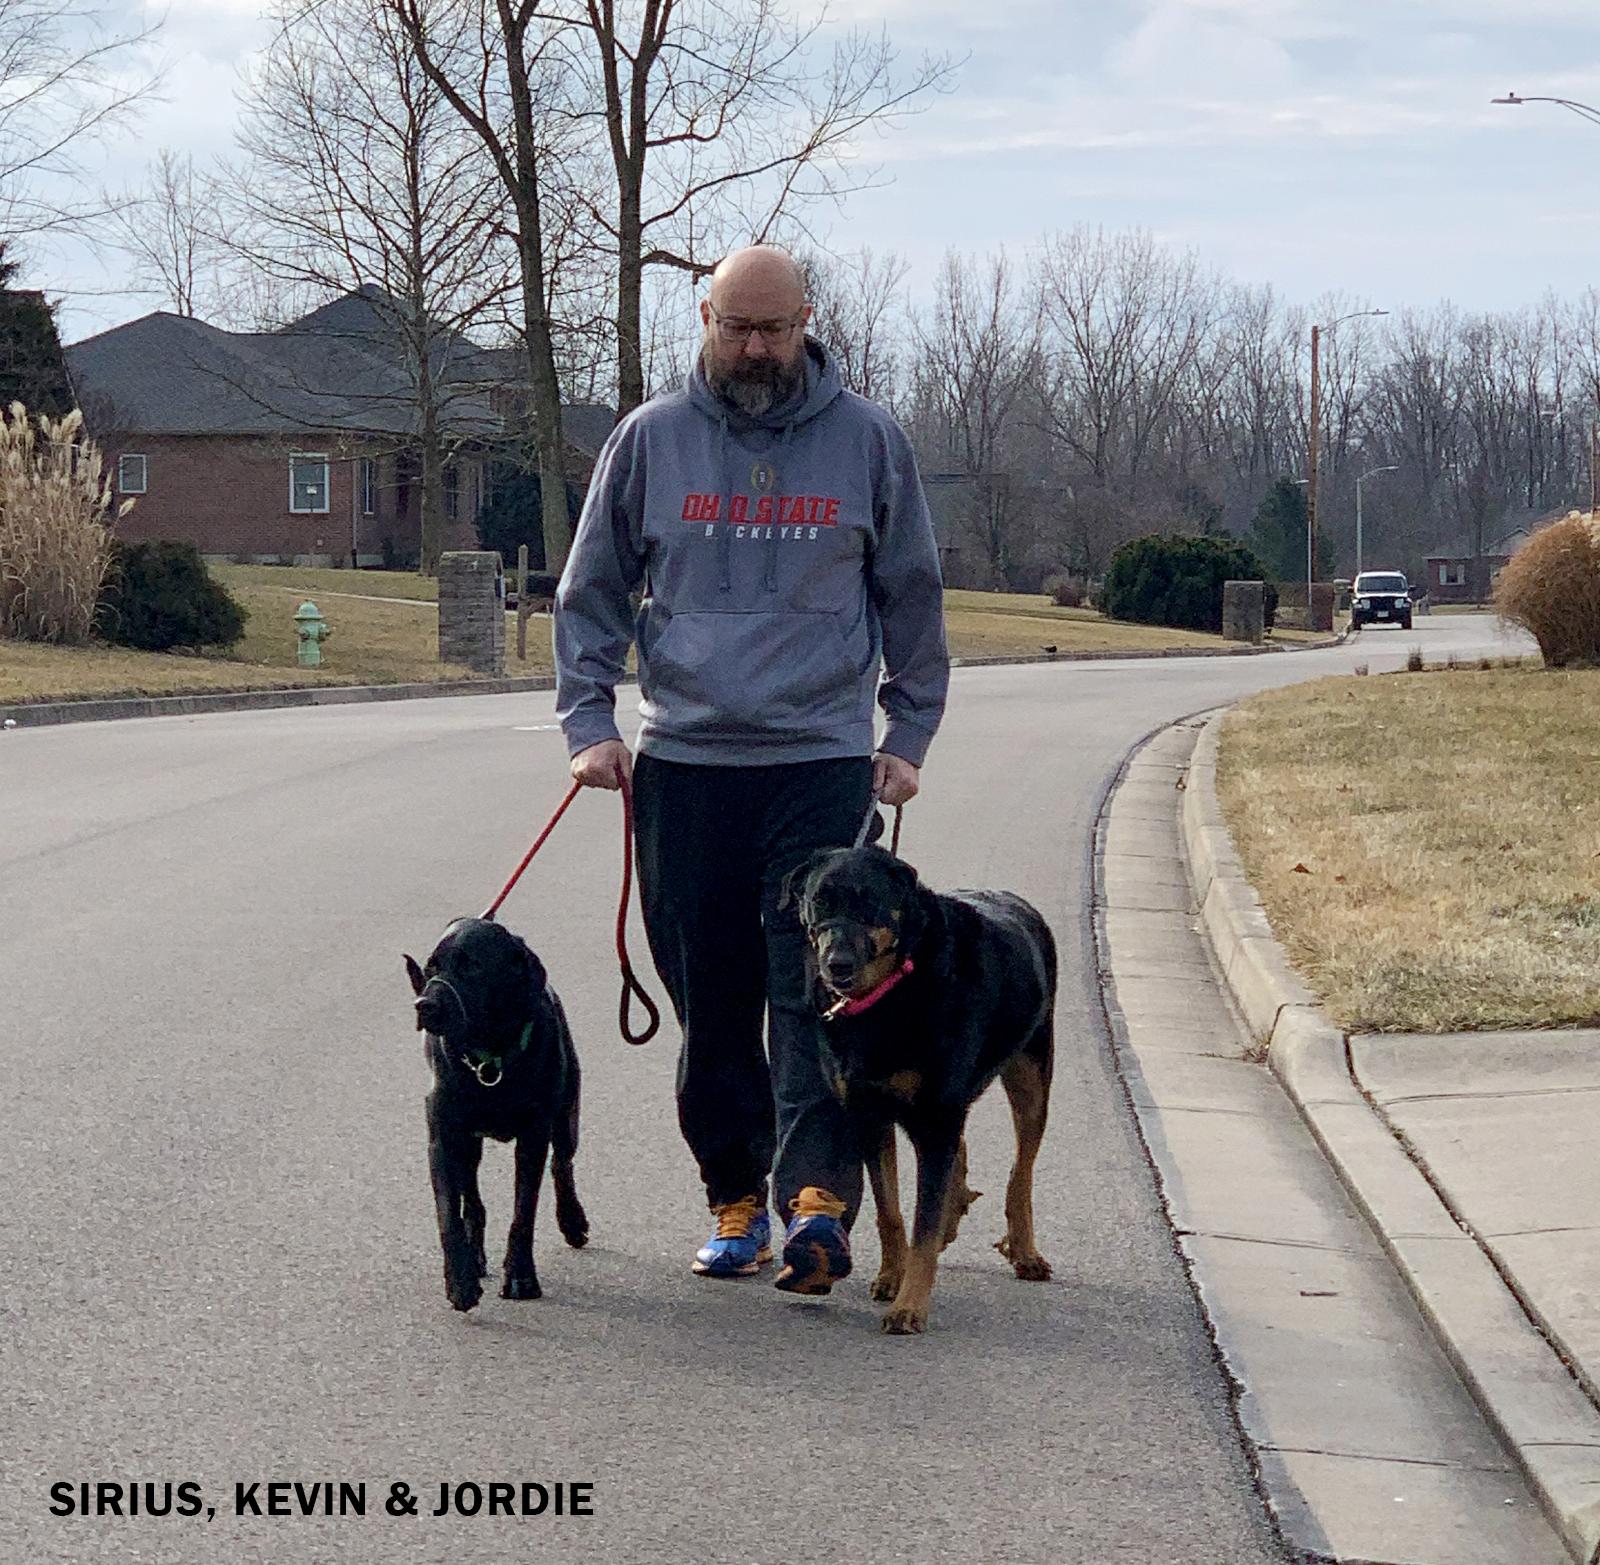 david-goggins-challenge-kevin-dogs